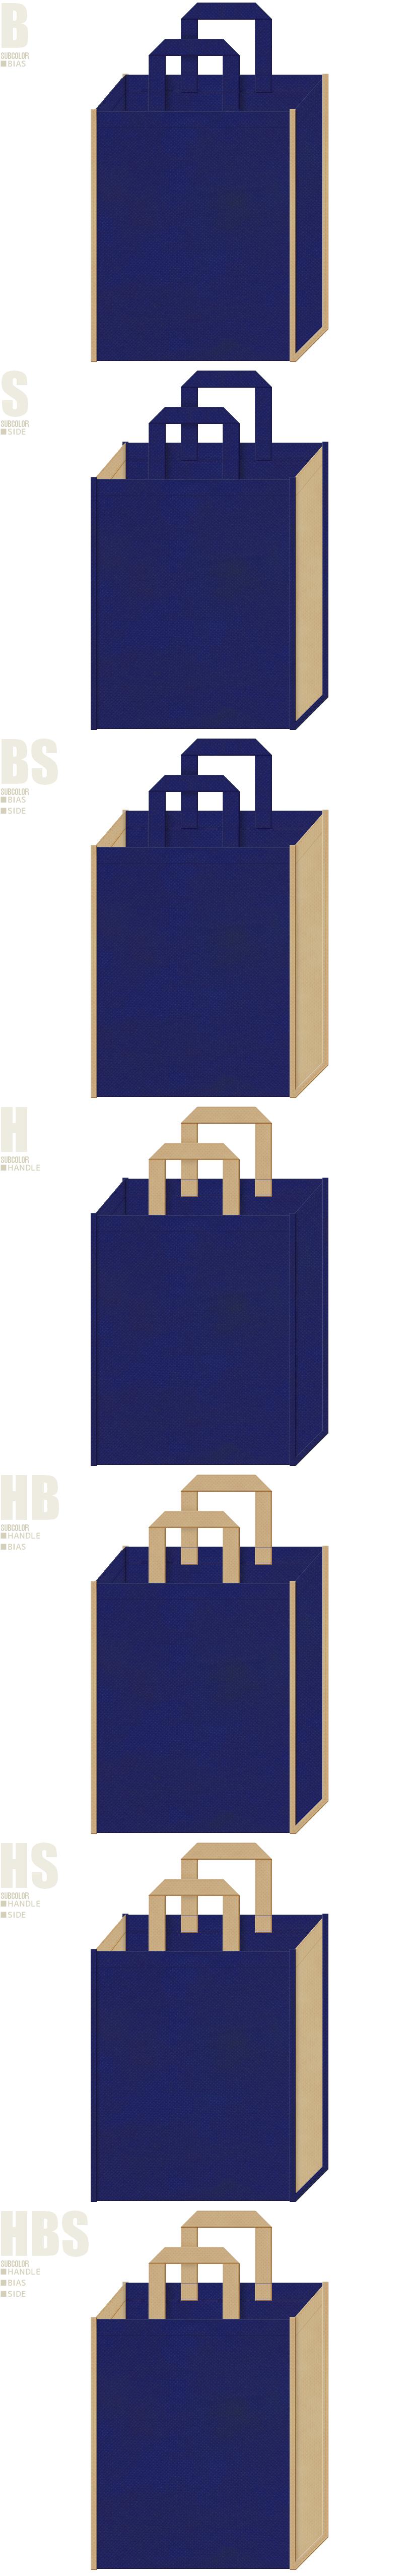 明るい紺色とカーキ色の不織布バッグデザイン:配色7パターン